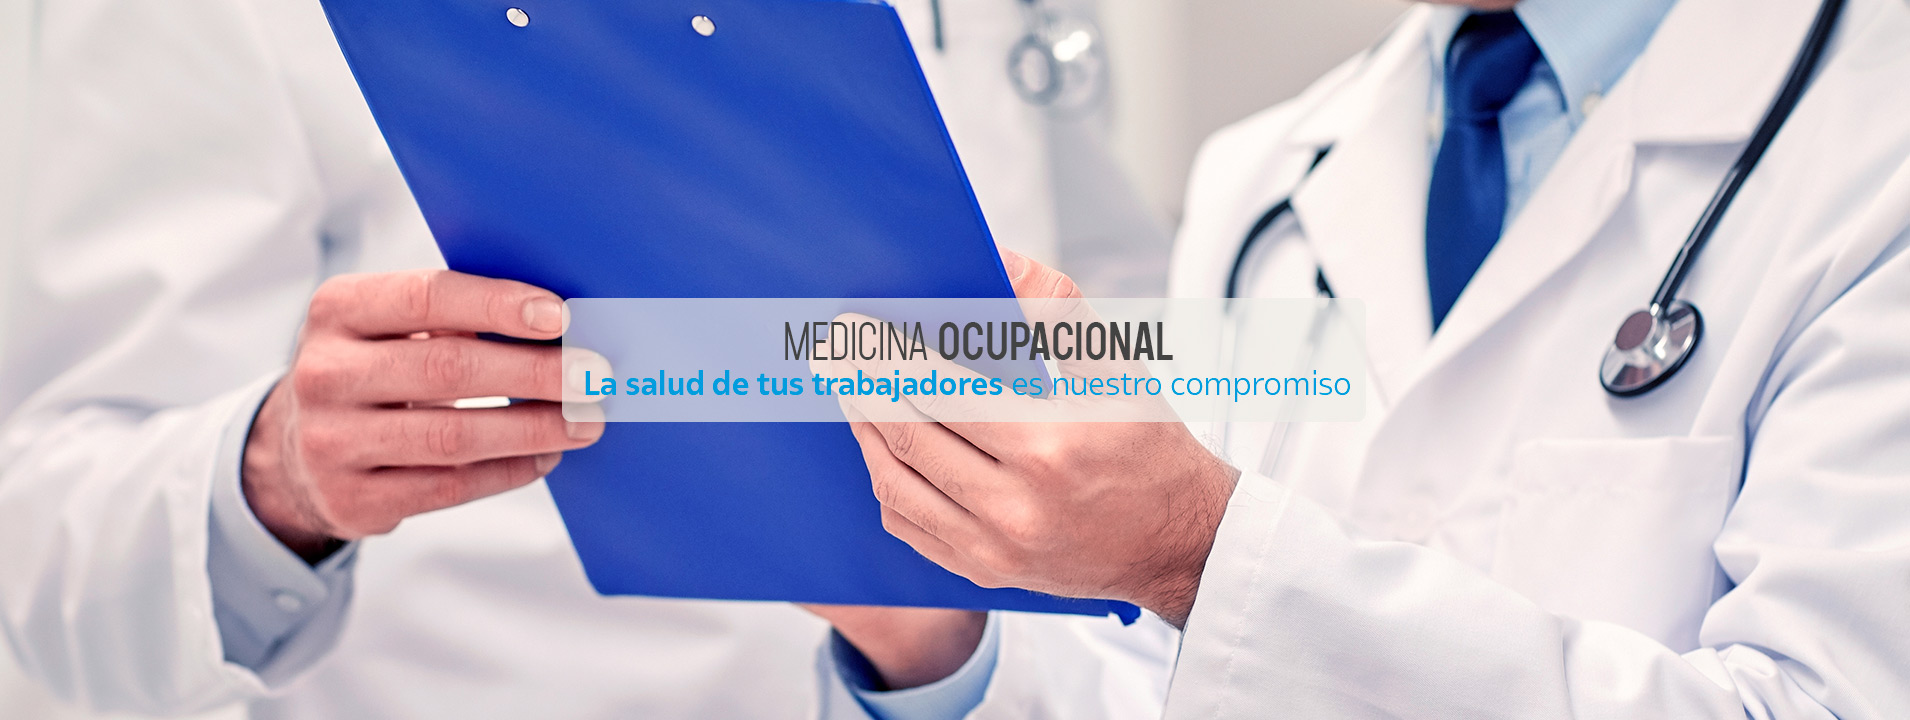 centro medico en quito Centro Médico en Quito medicina ocupacional quito